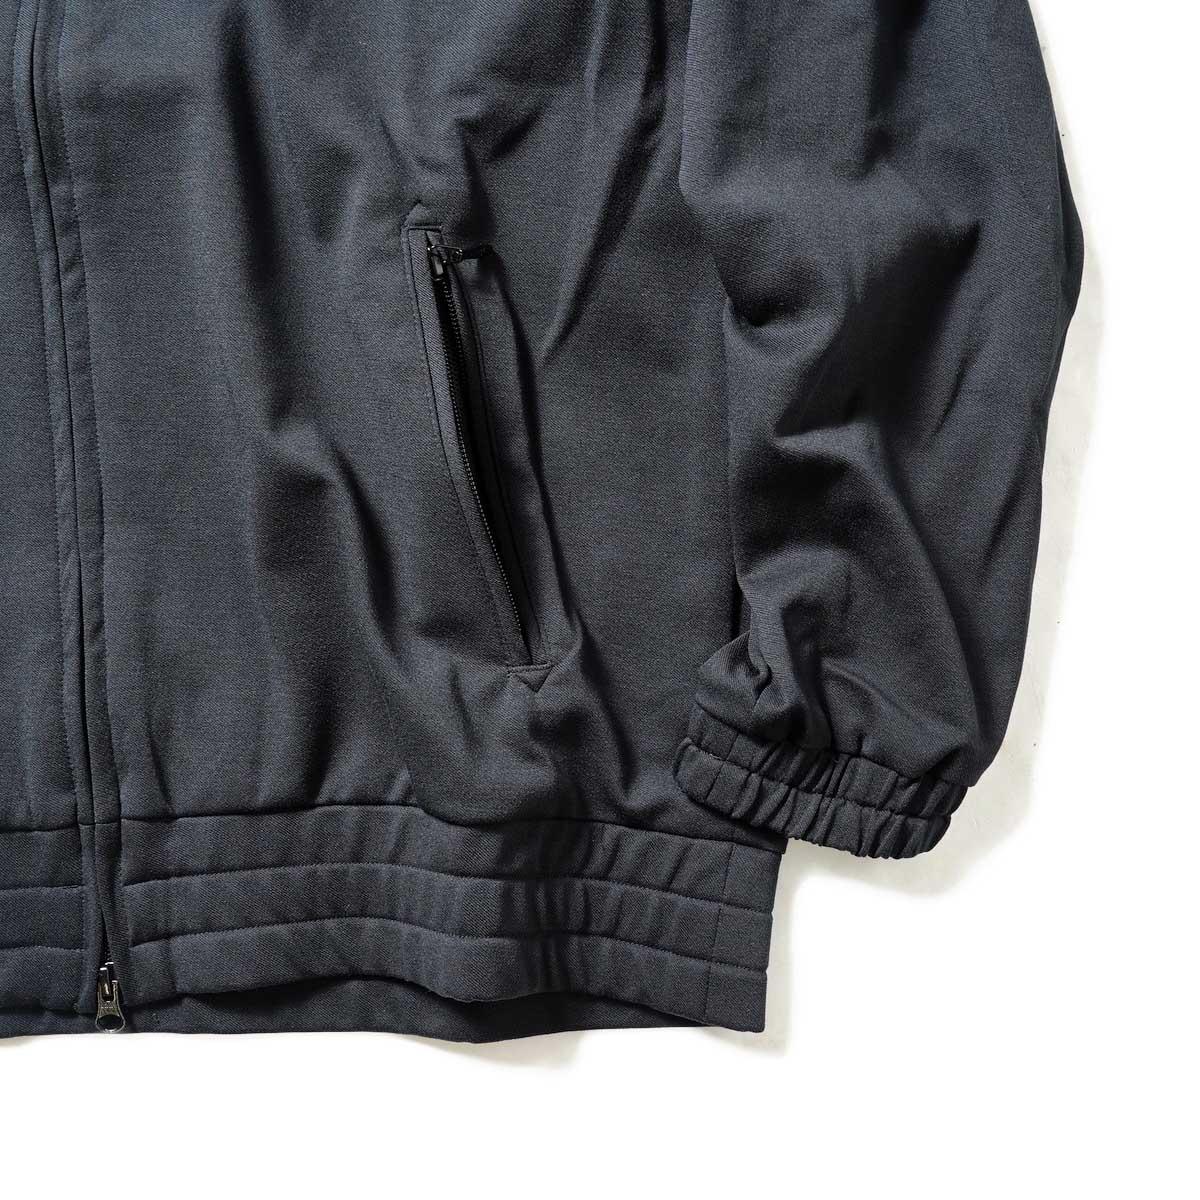 Needles / W.U. JACKET - POLY TWILL JERSEY (Black)袖、裾